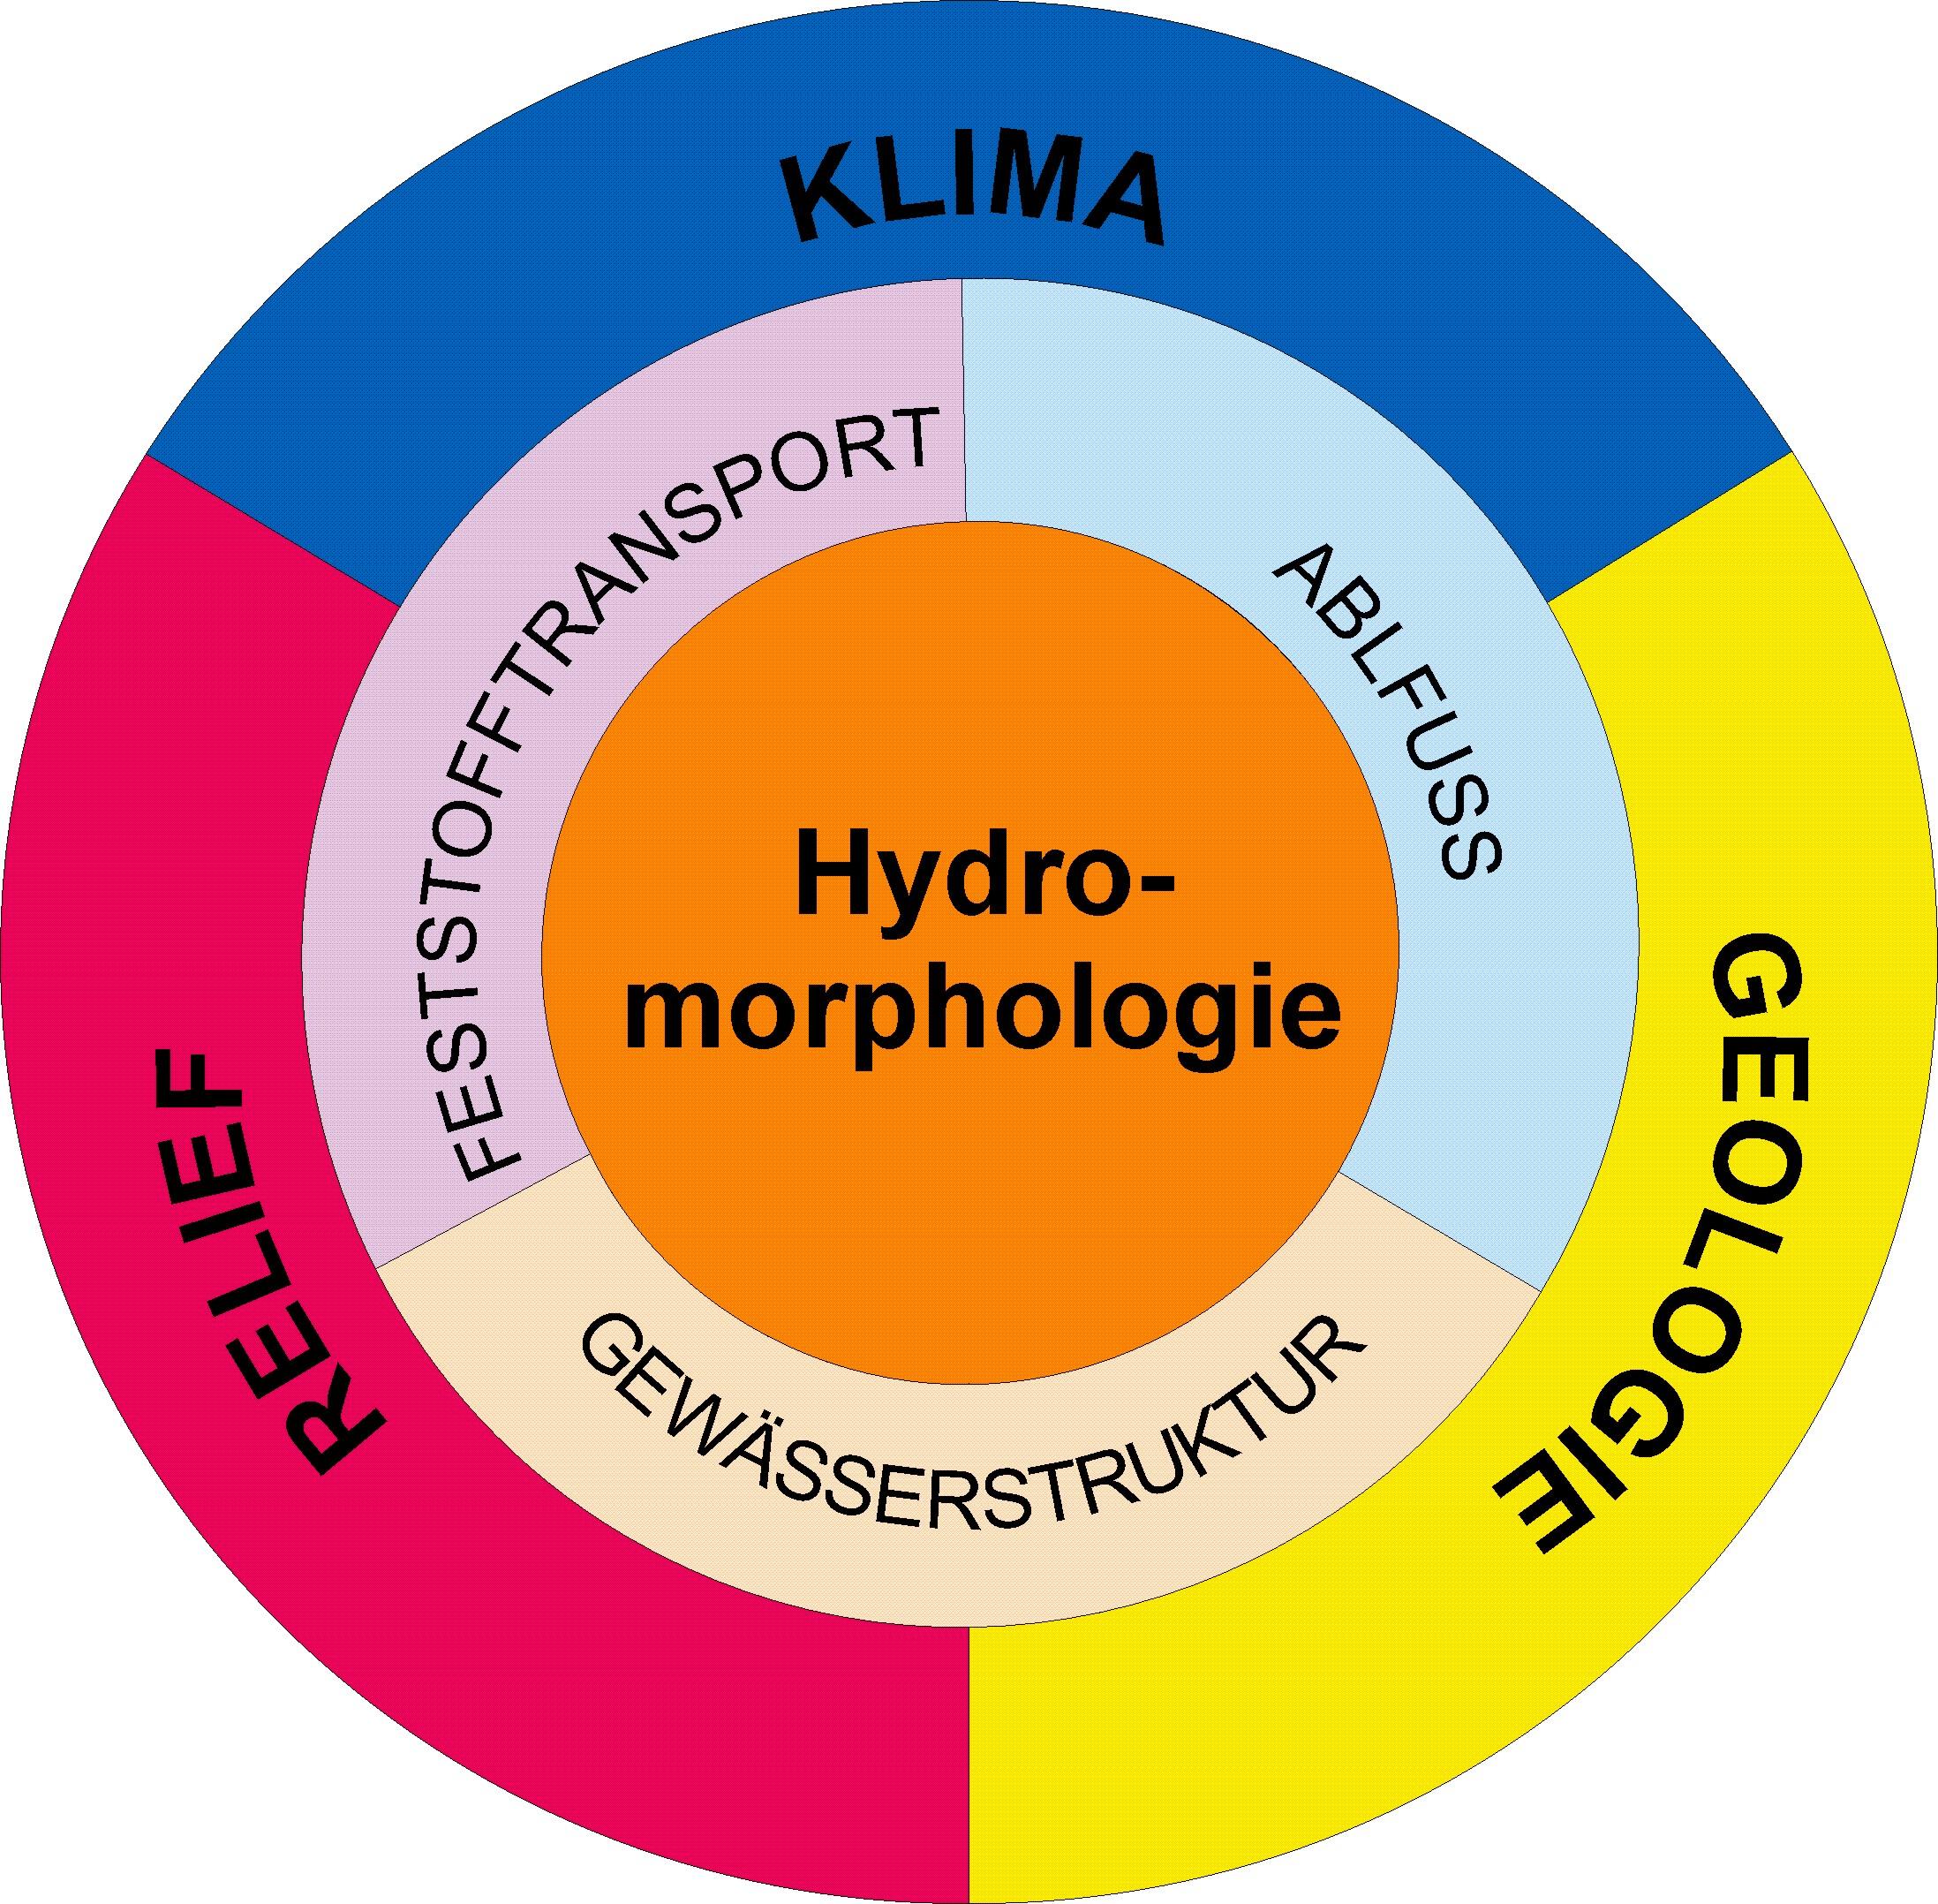 Ein Kreisdiagramm, das zeigt woraus sich Hydromorphologie zusammensetzt (außen nach Innen): Klima, Geologie Relief, Feststofftransport, Abluss, Gewässerstruktur. Das ales ergibt die Hydromorphologie in der Mitte